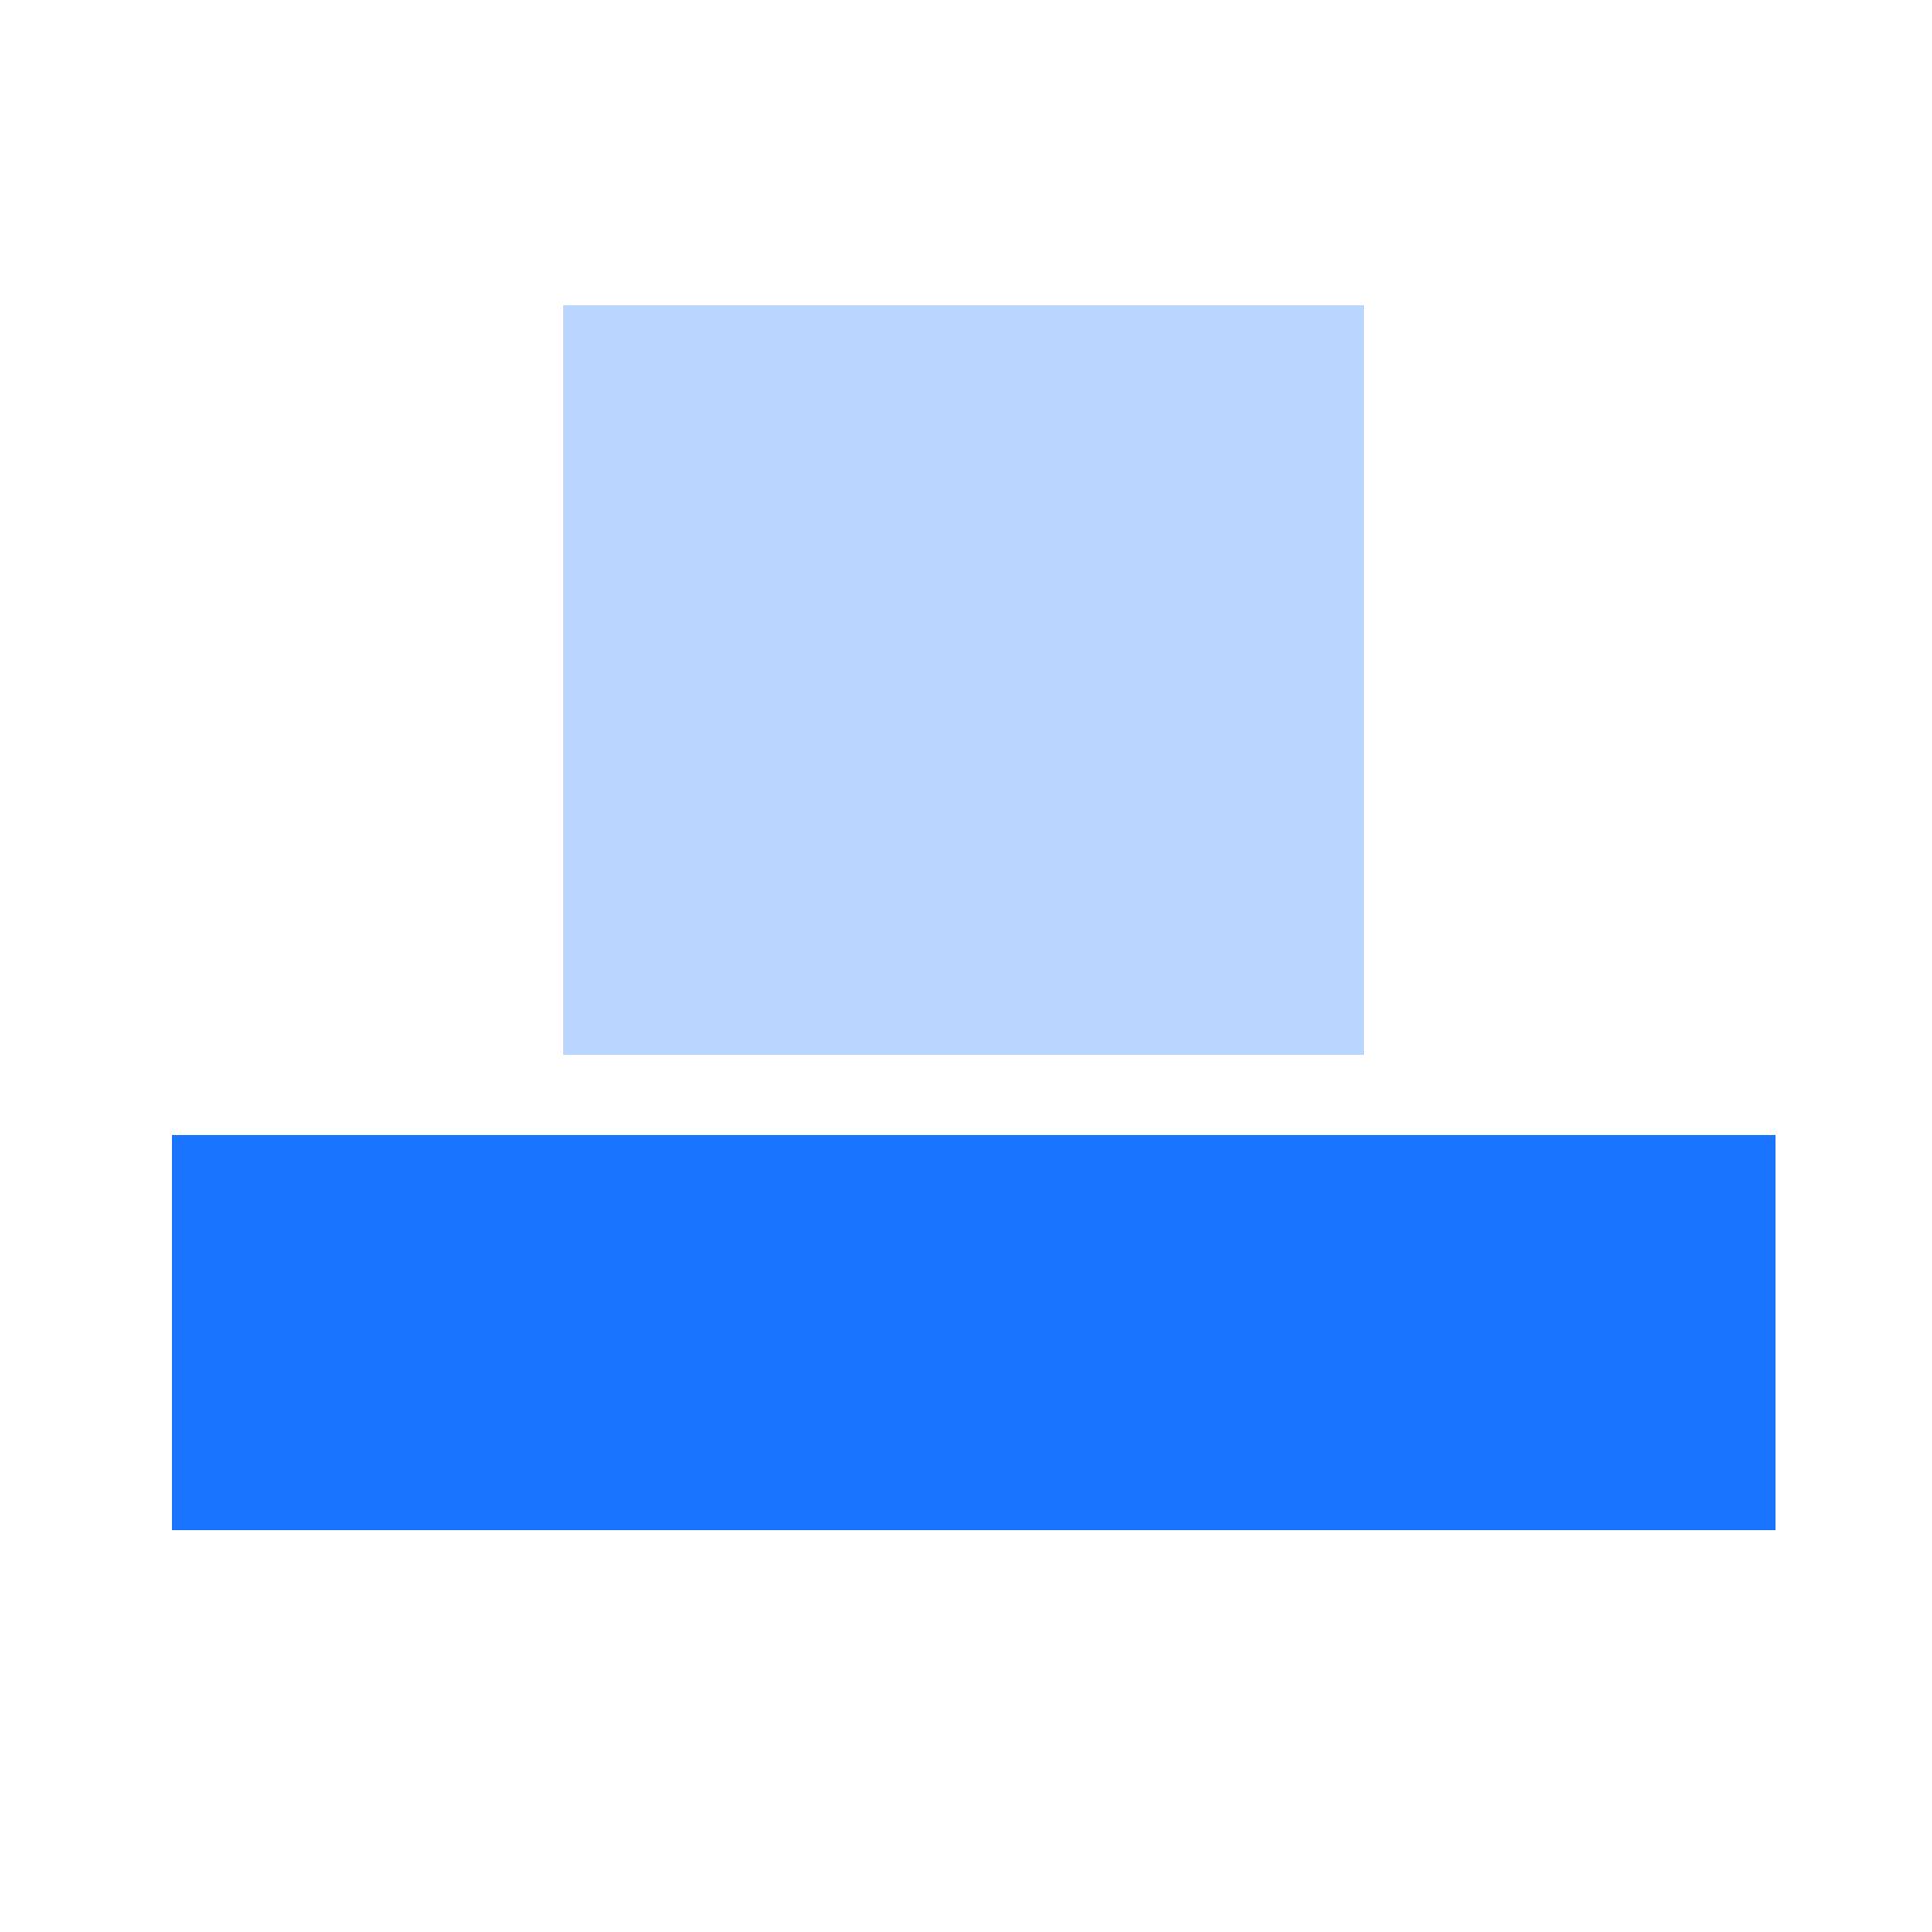 www.digicape.co.za